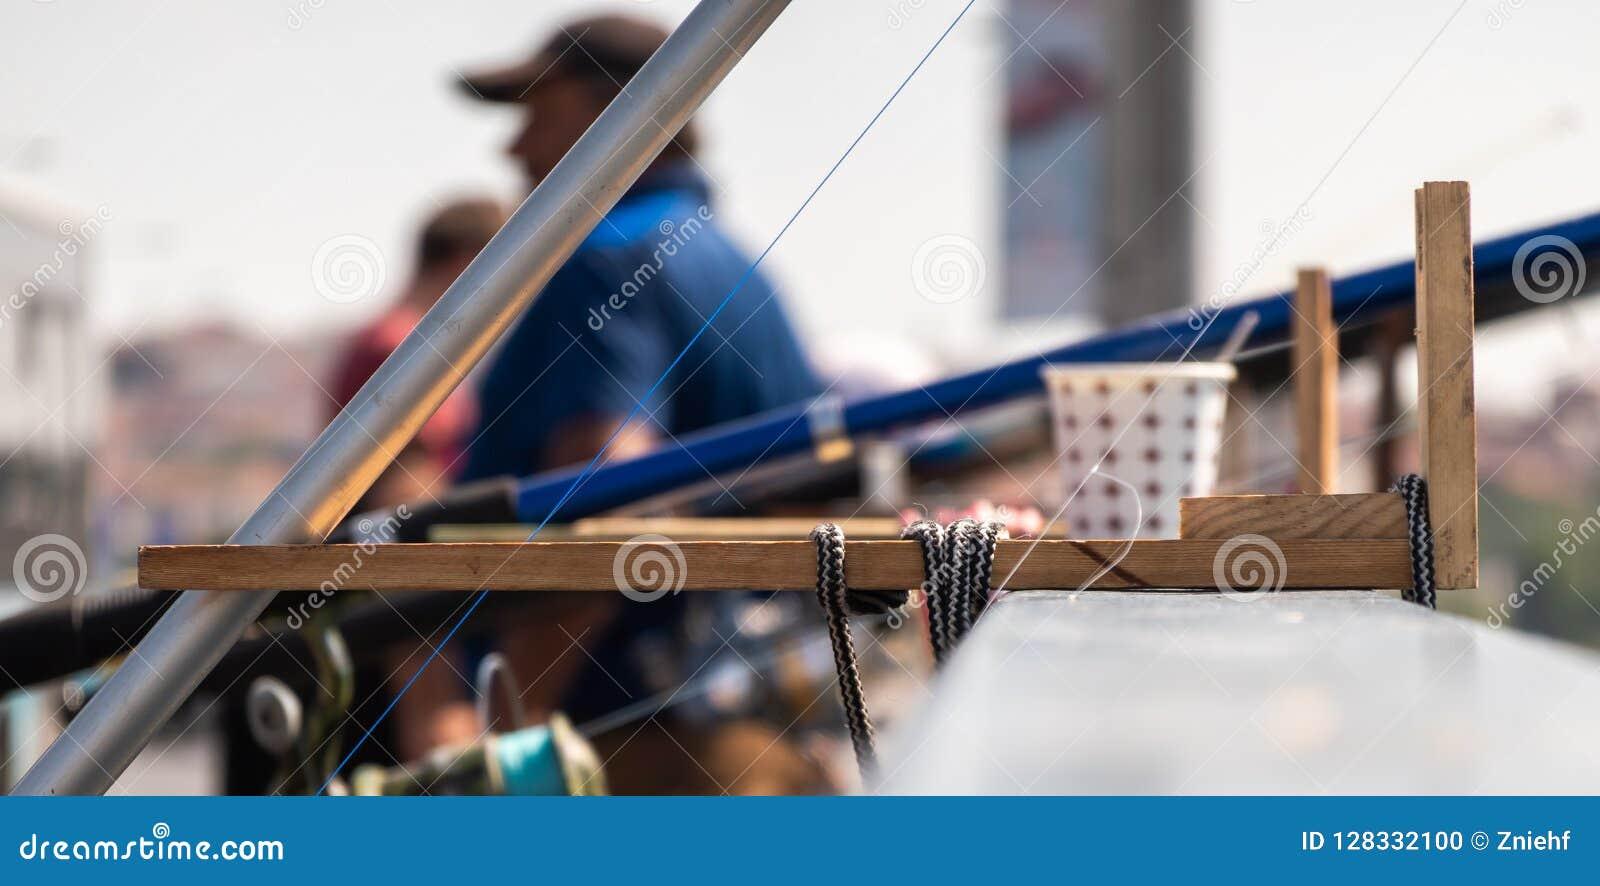 Δυσνόητη και έξυπνη εφεύρεση για την ένωση μιας ράβδου αλιείας με το κιγκλίδωμα μιας γέφυρας